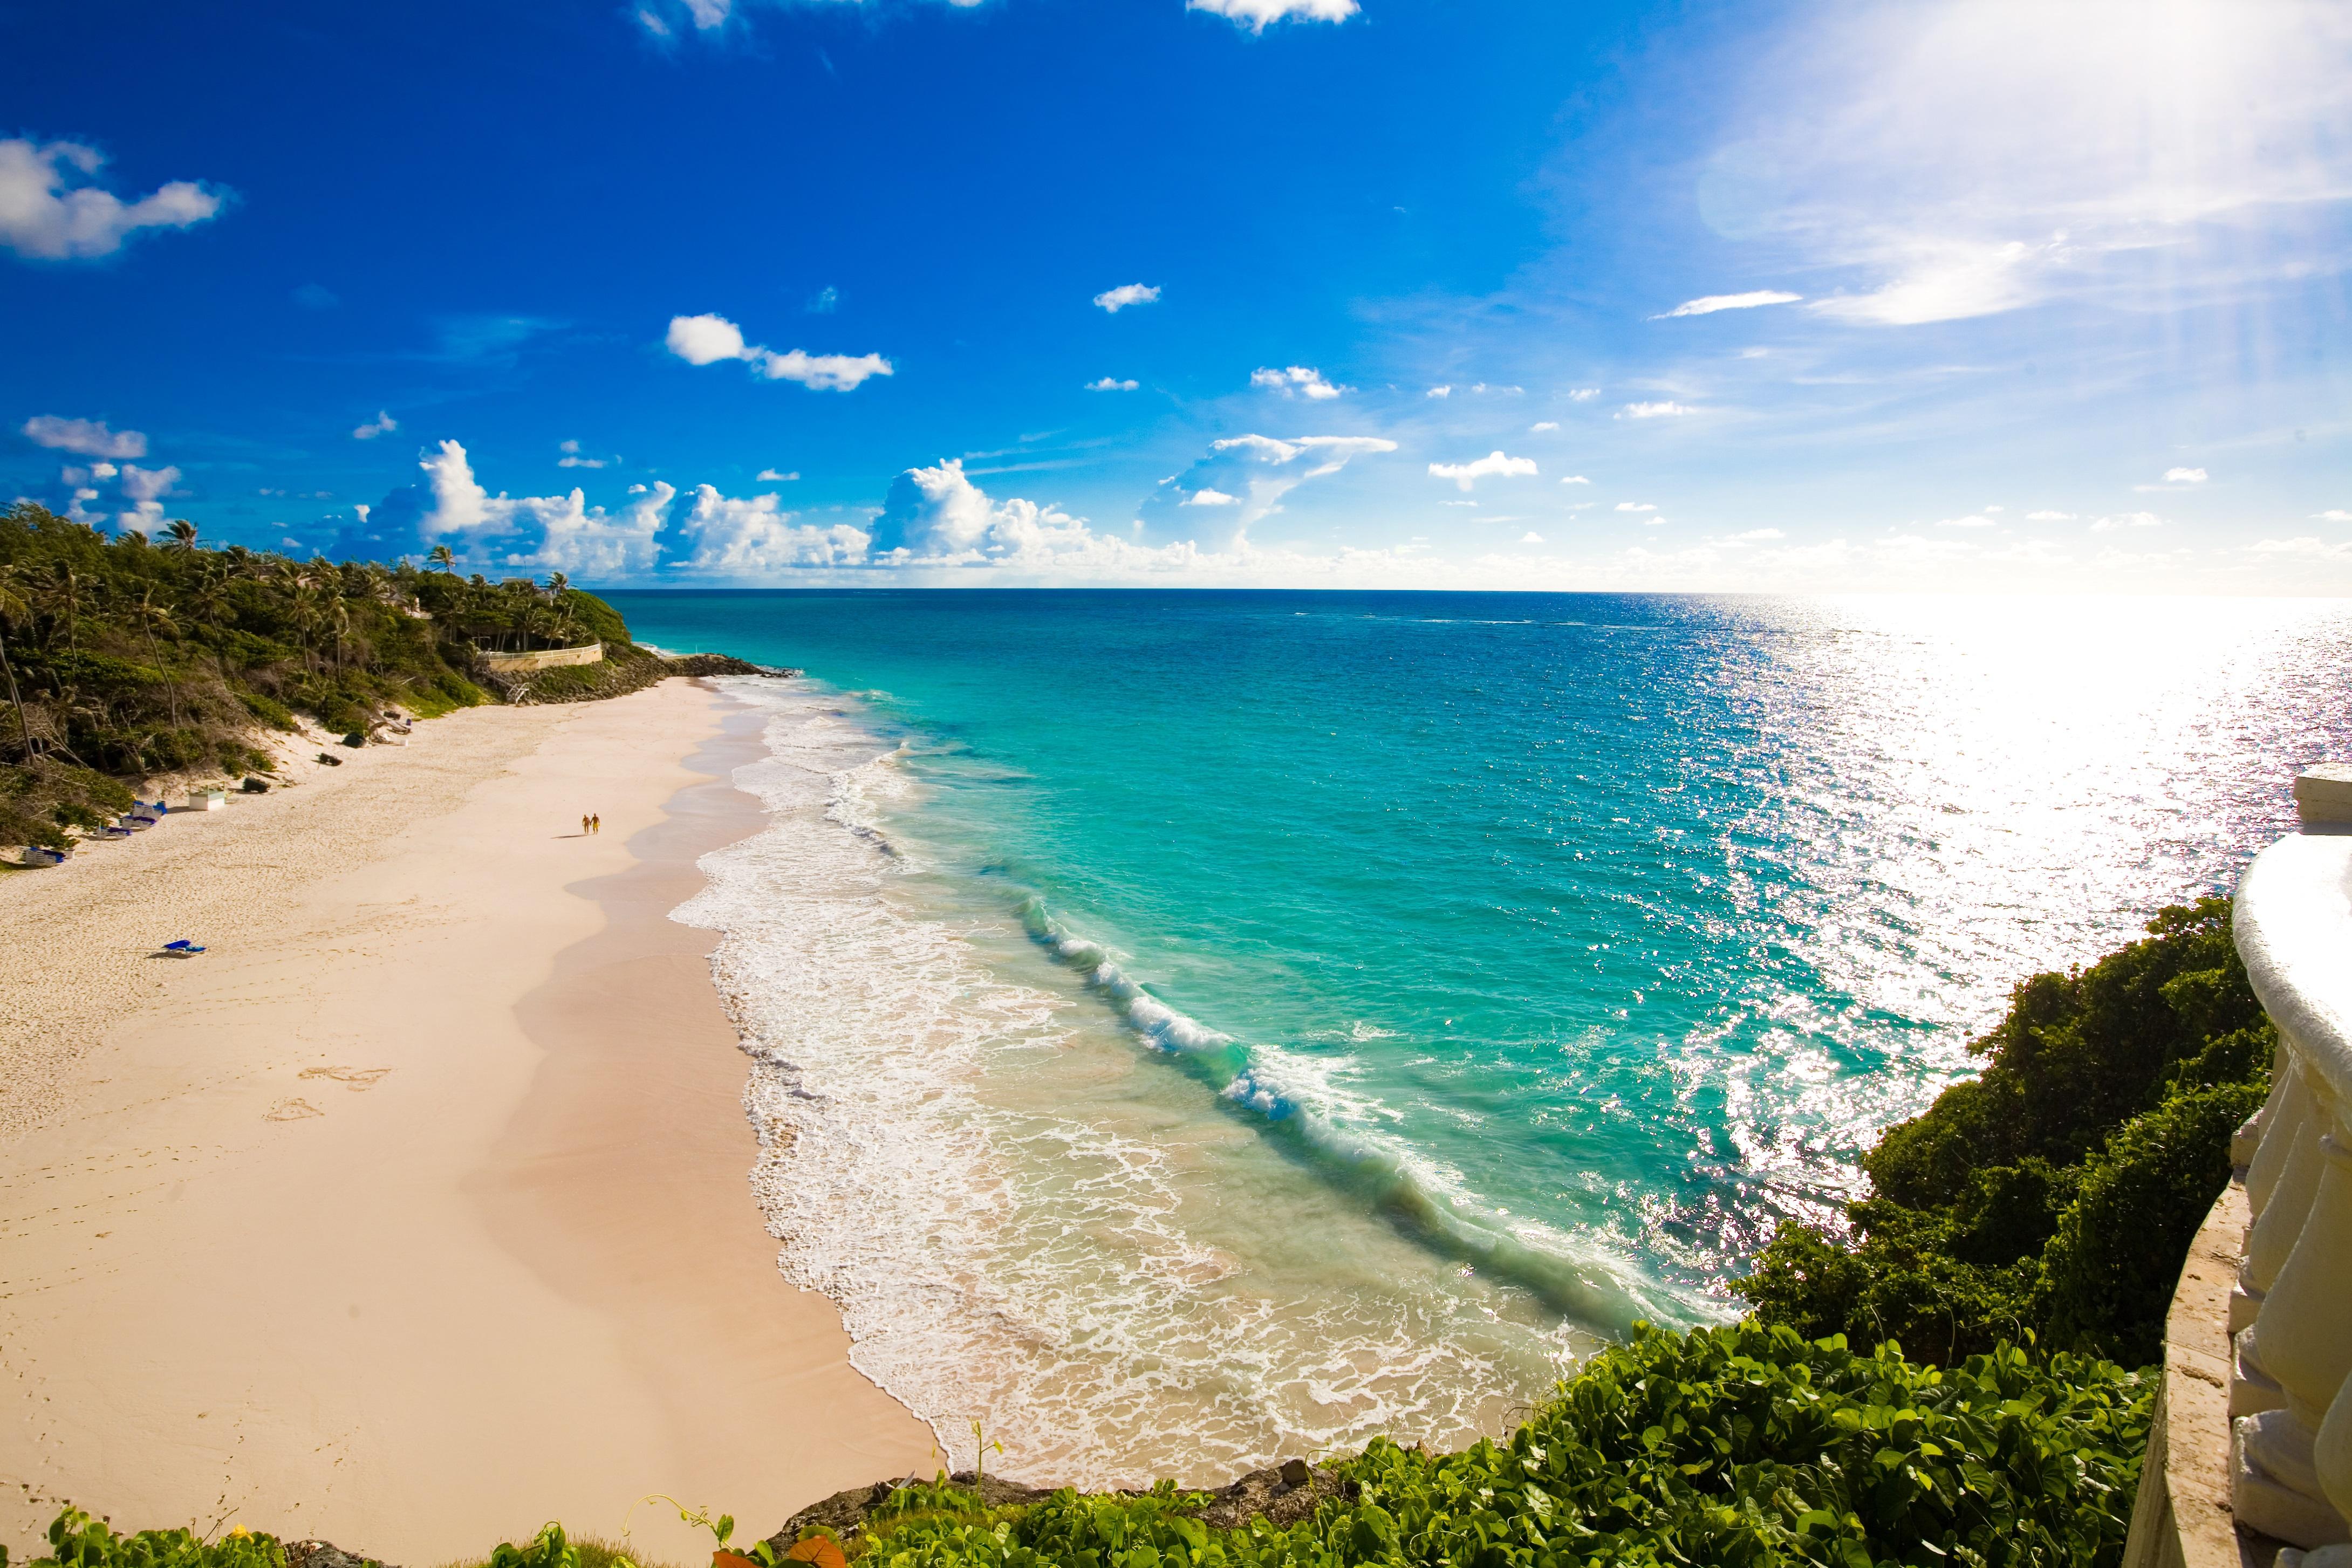 Что нужно знать туристу из России, чтобы отдохнуть на Барбадосе